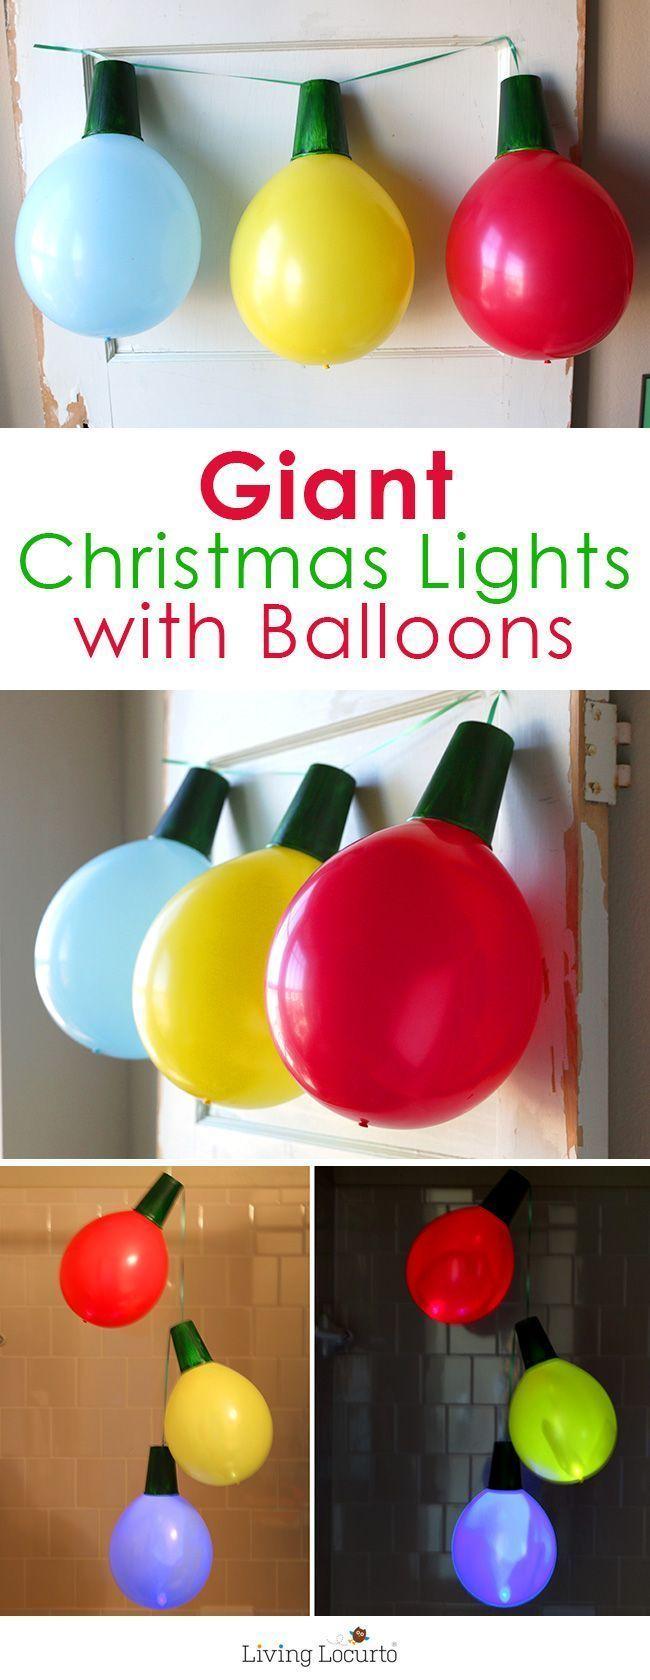 How to make Giant Balloon Christmas Lights